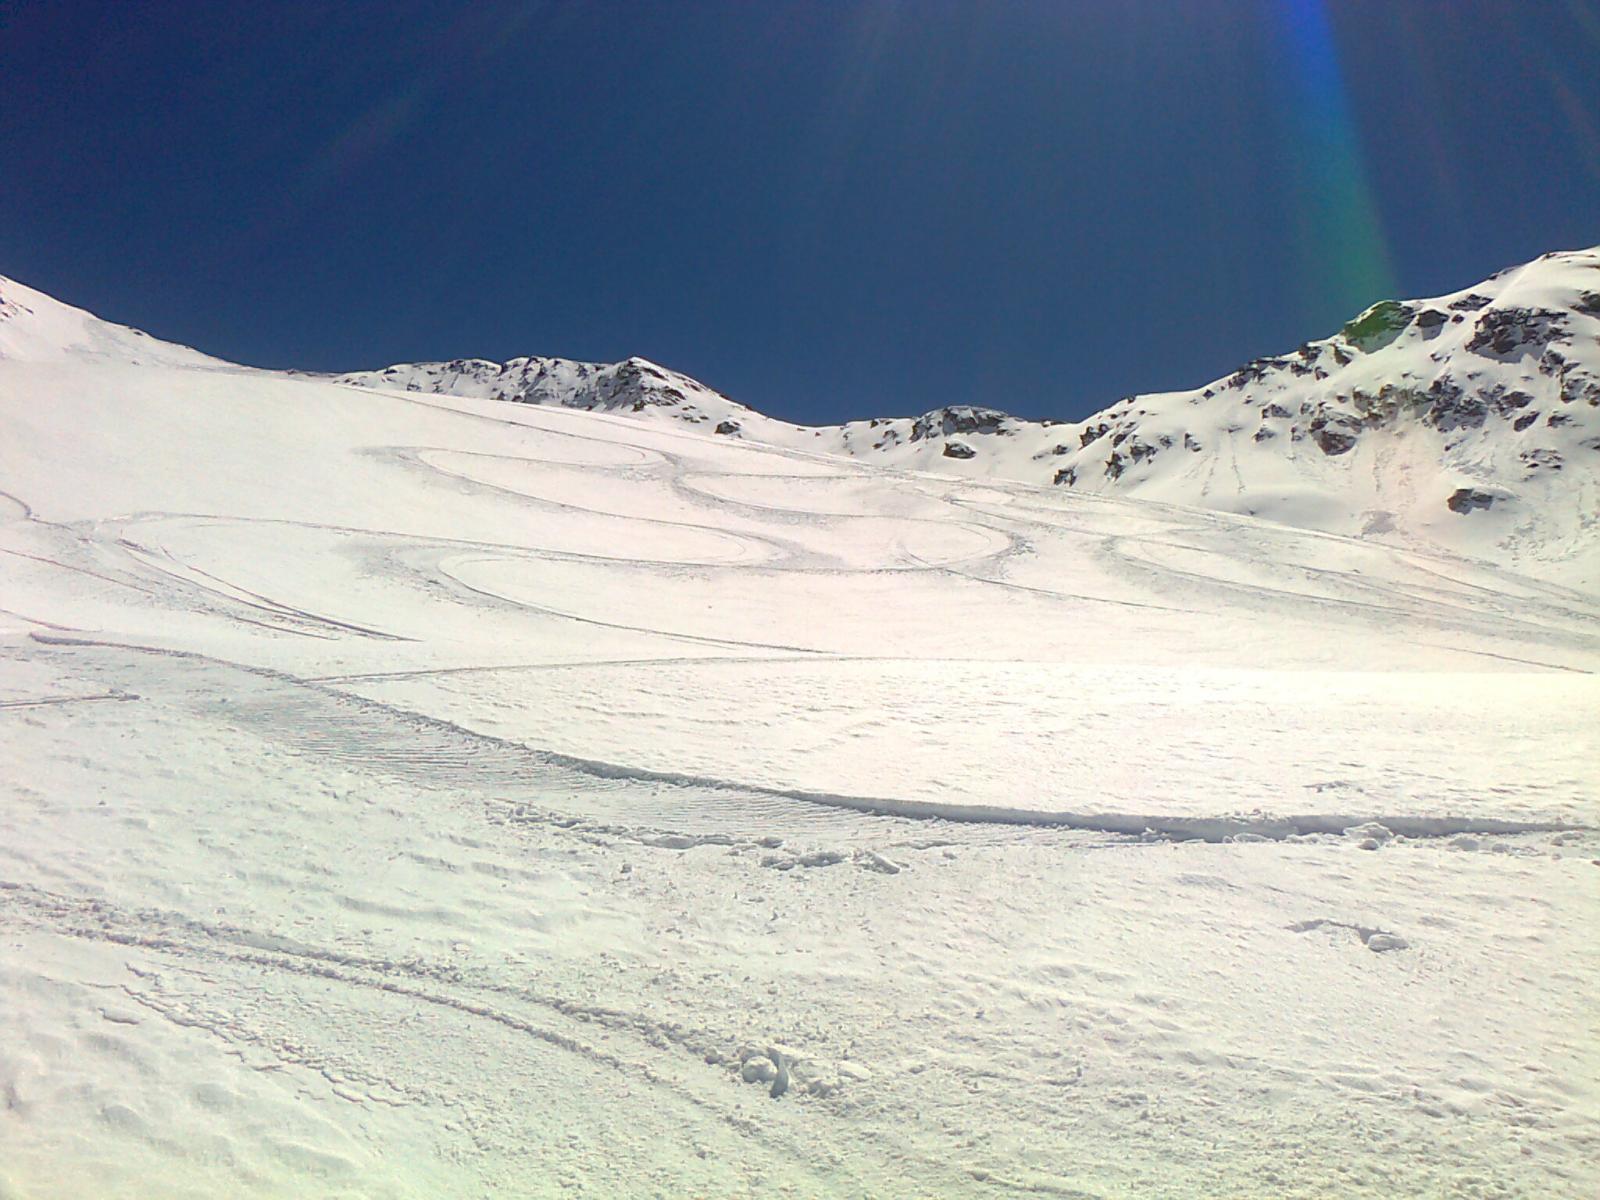 continuate a sciare sulle nuvole..